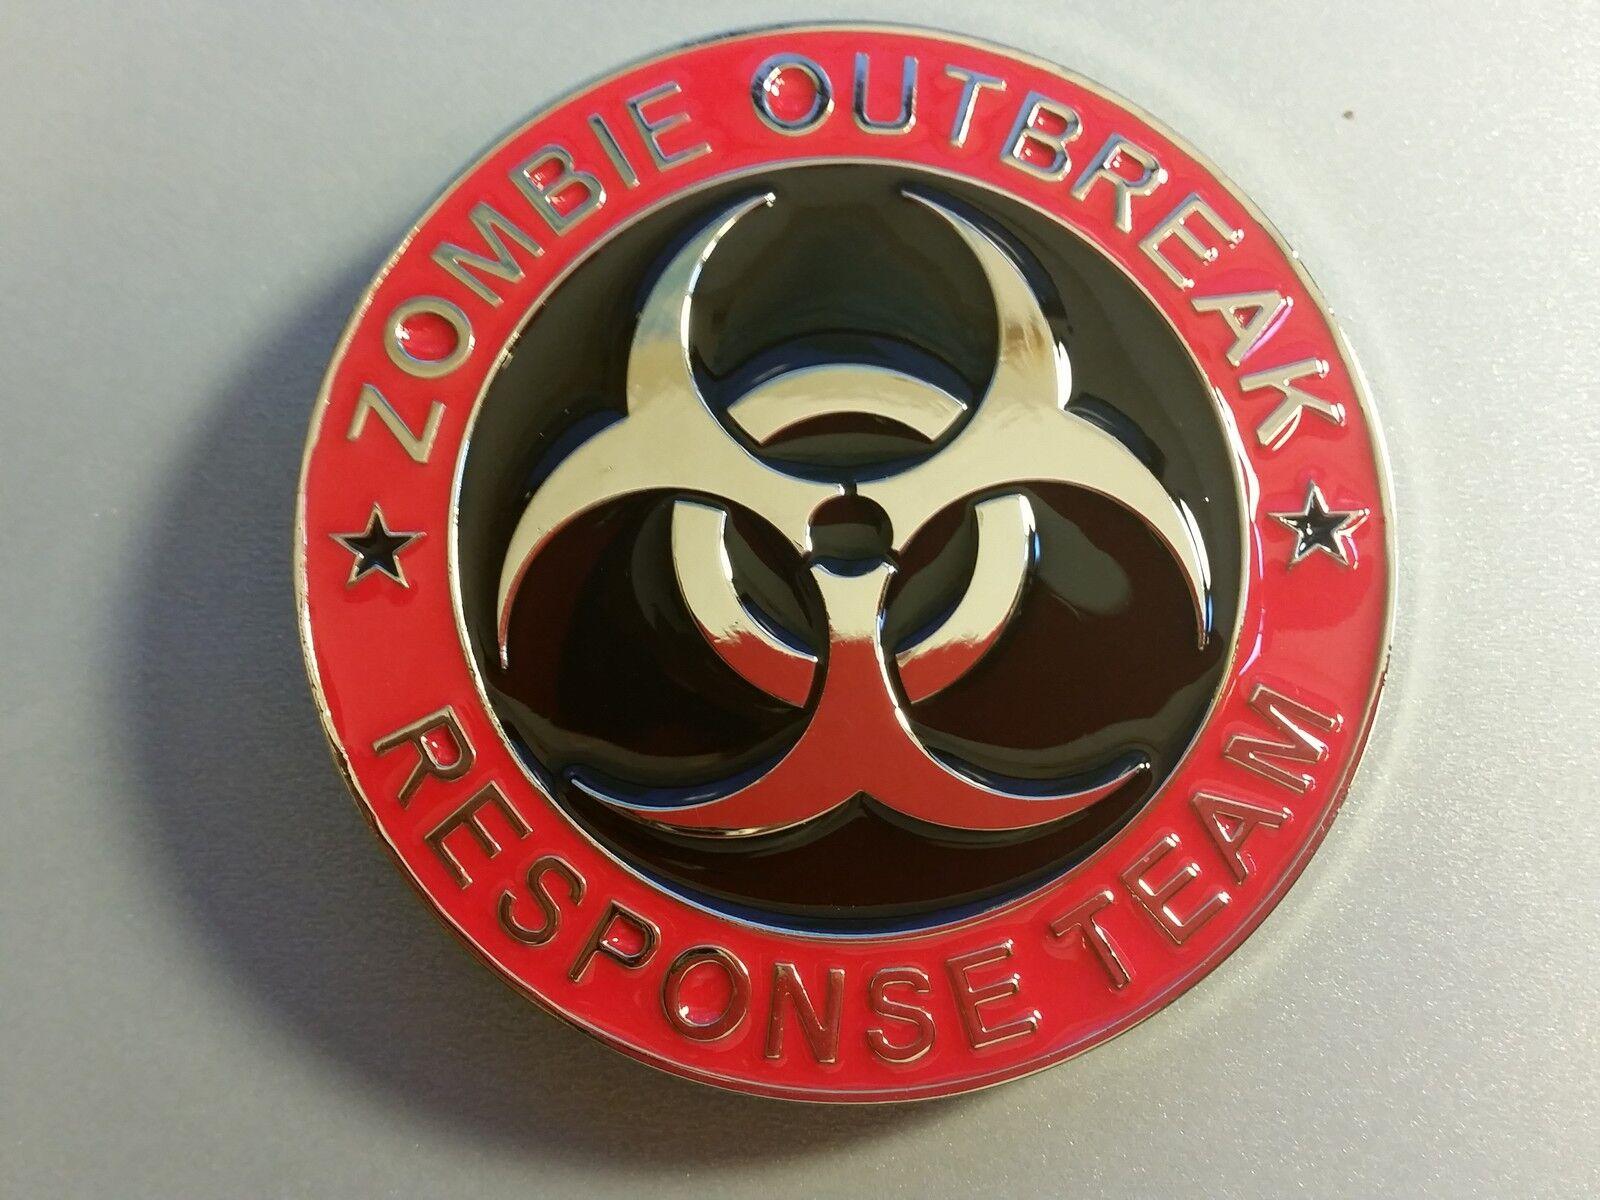 Zombie Outbreak Response Team Belt Buckle Biohazard cosplay collectible USseller